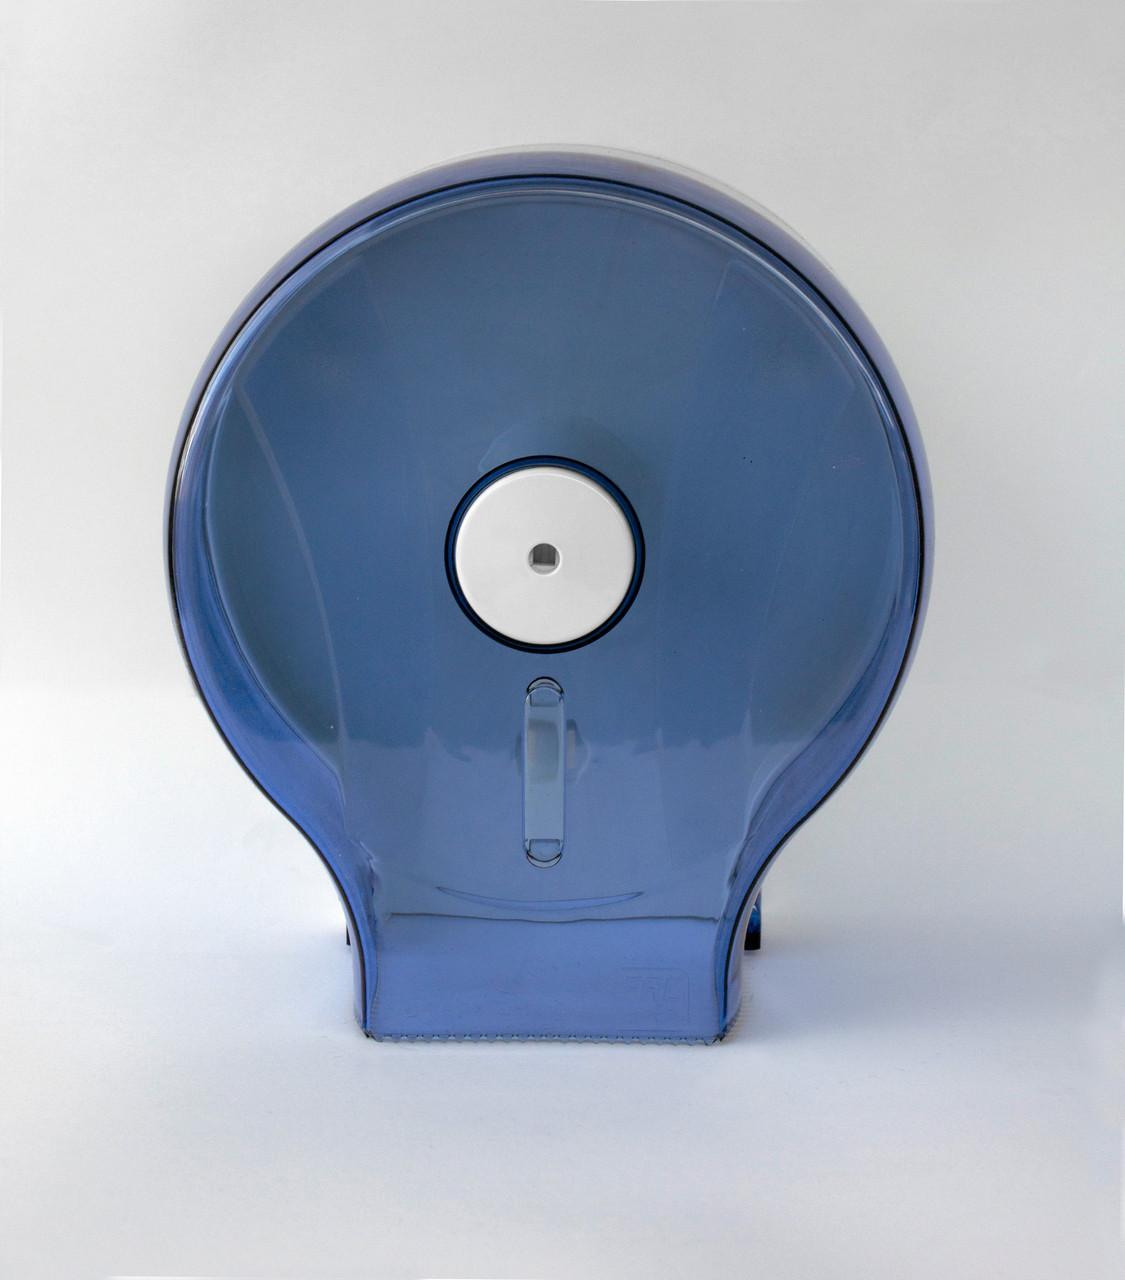 Диспенсер для туалетной бумаги АБС пластик, 9307 голубой/прозрачный